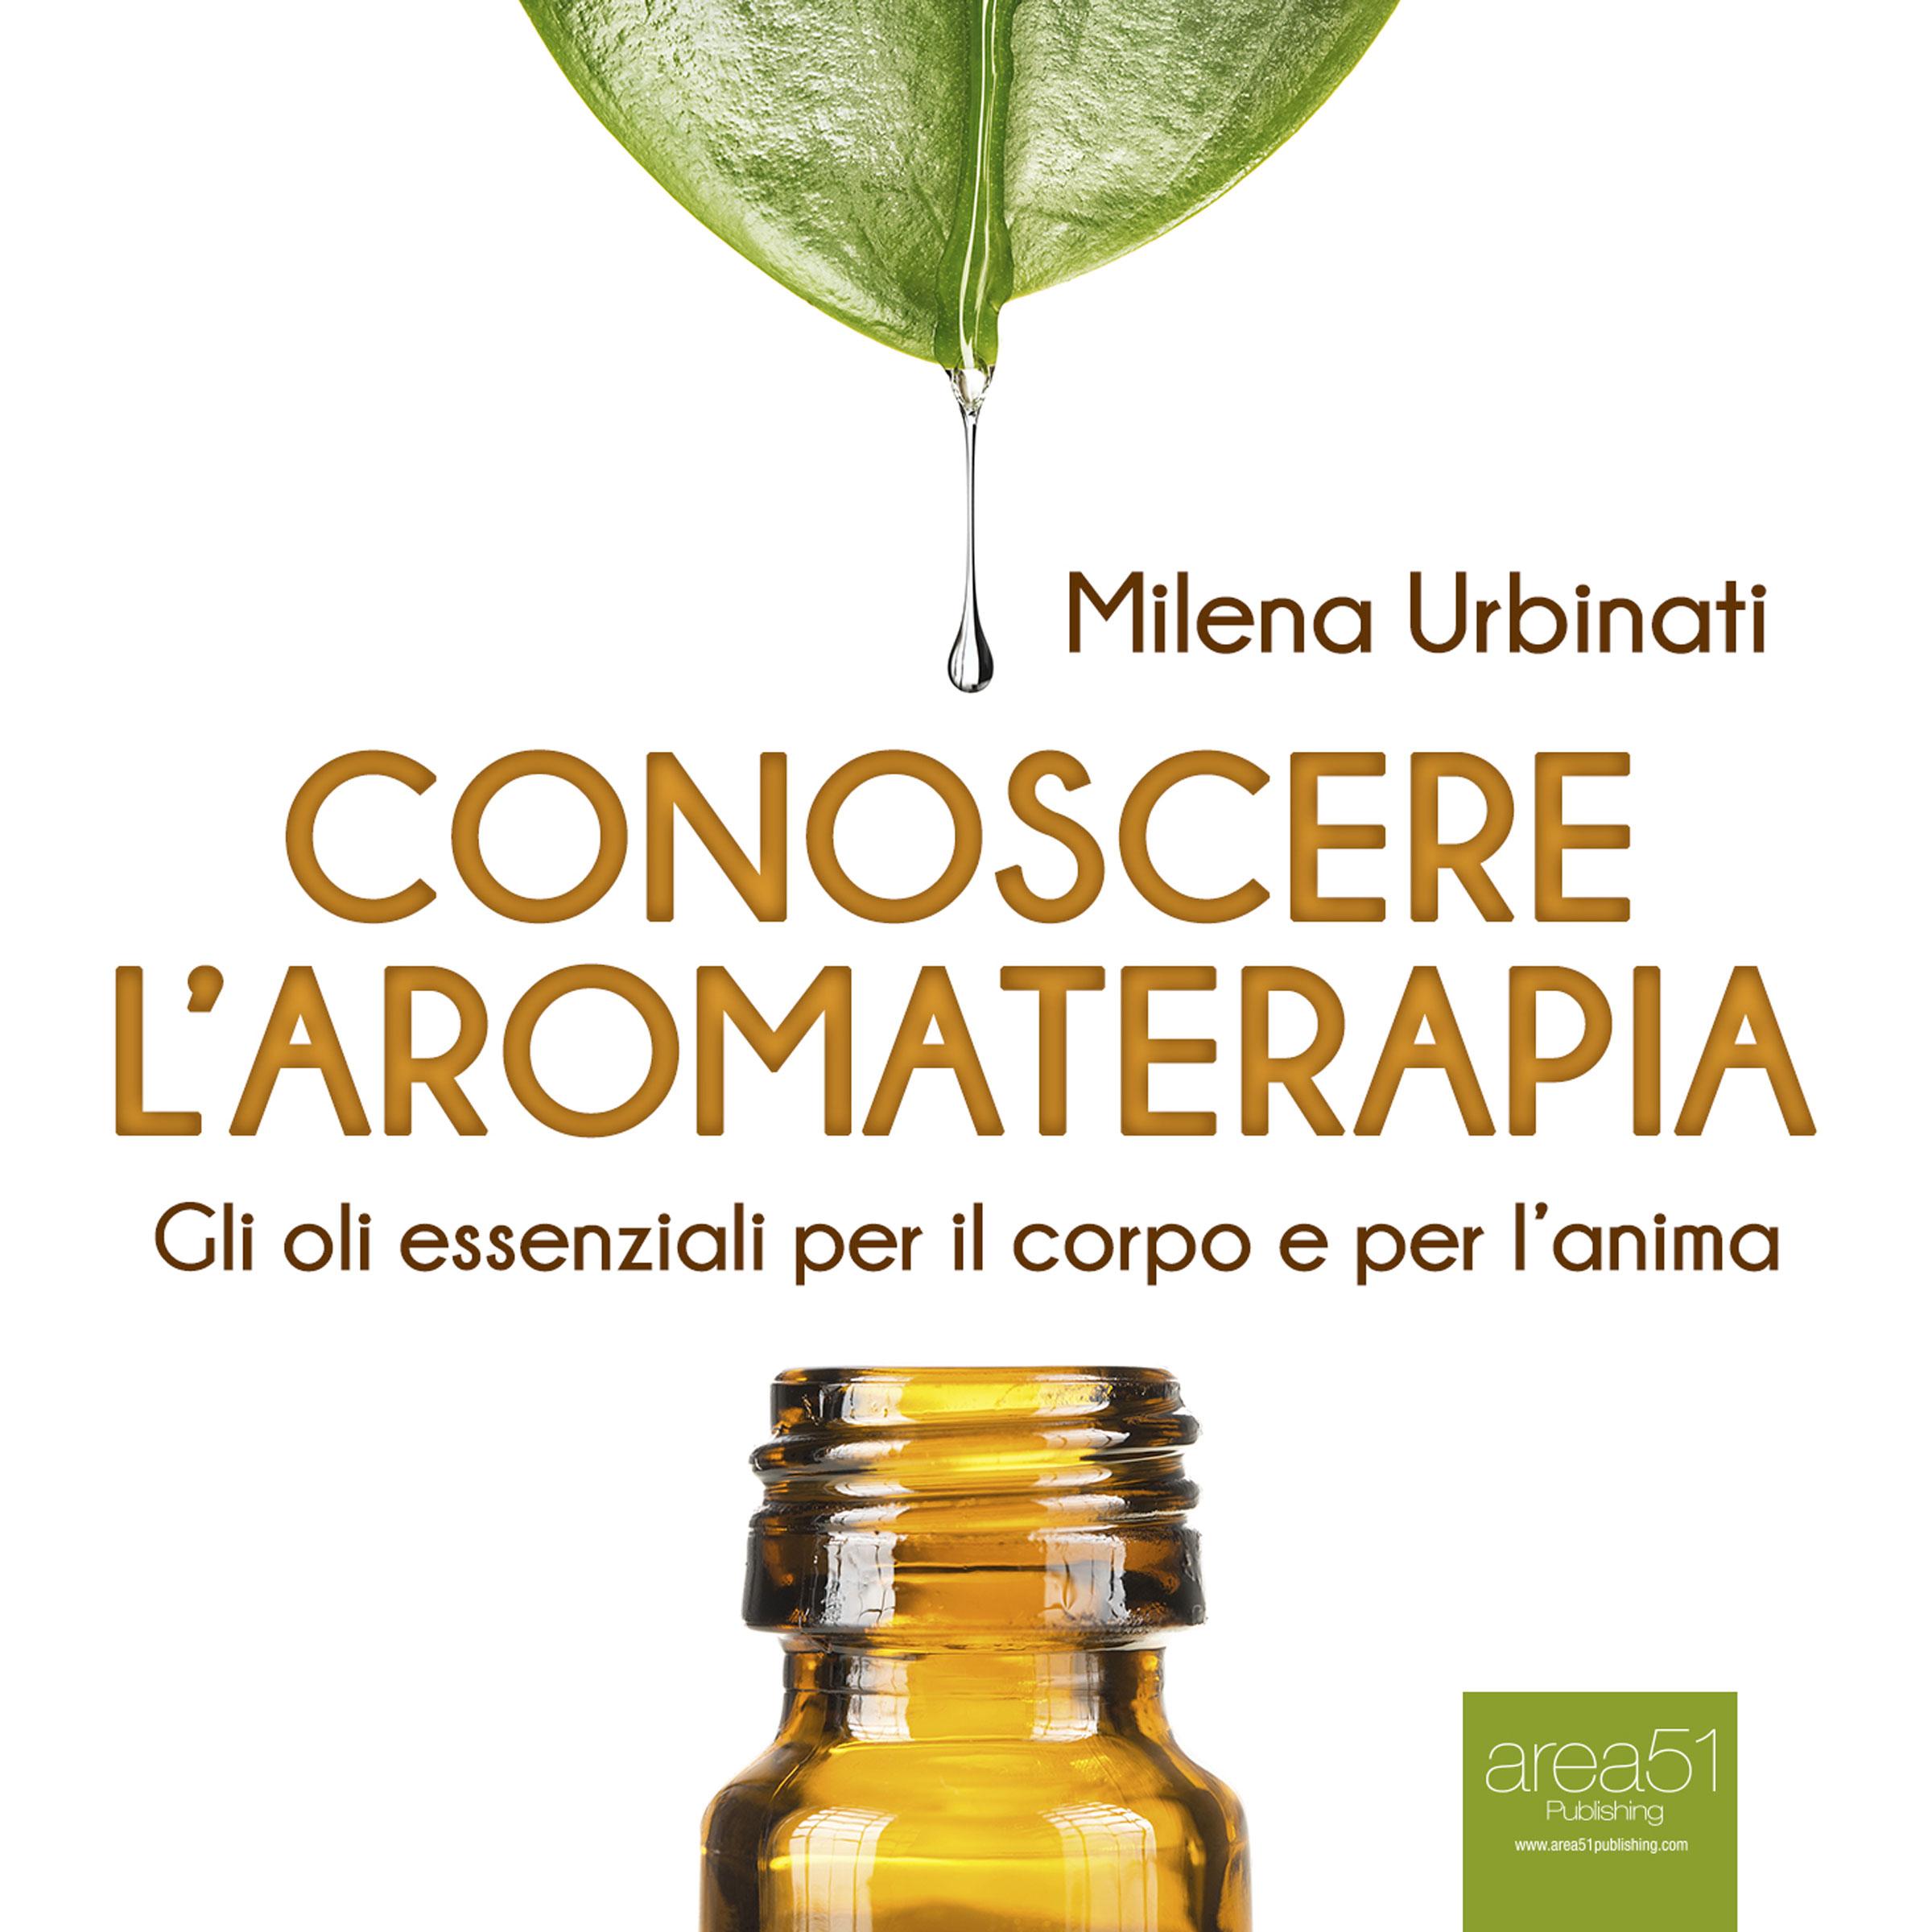 Conoscere l'aromaterapia-0